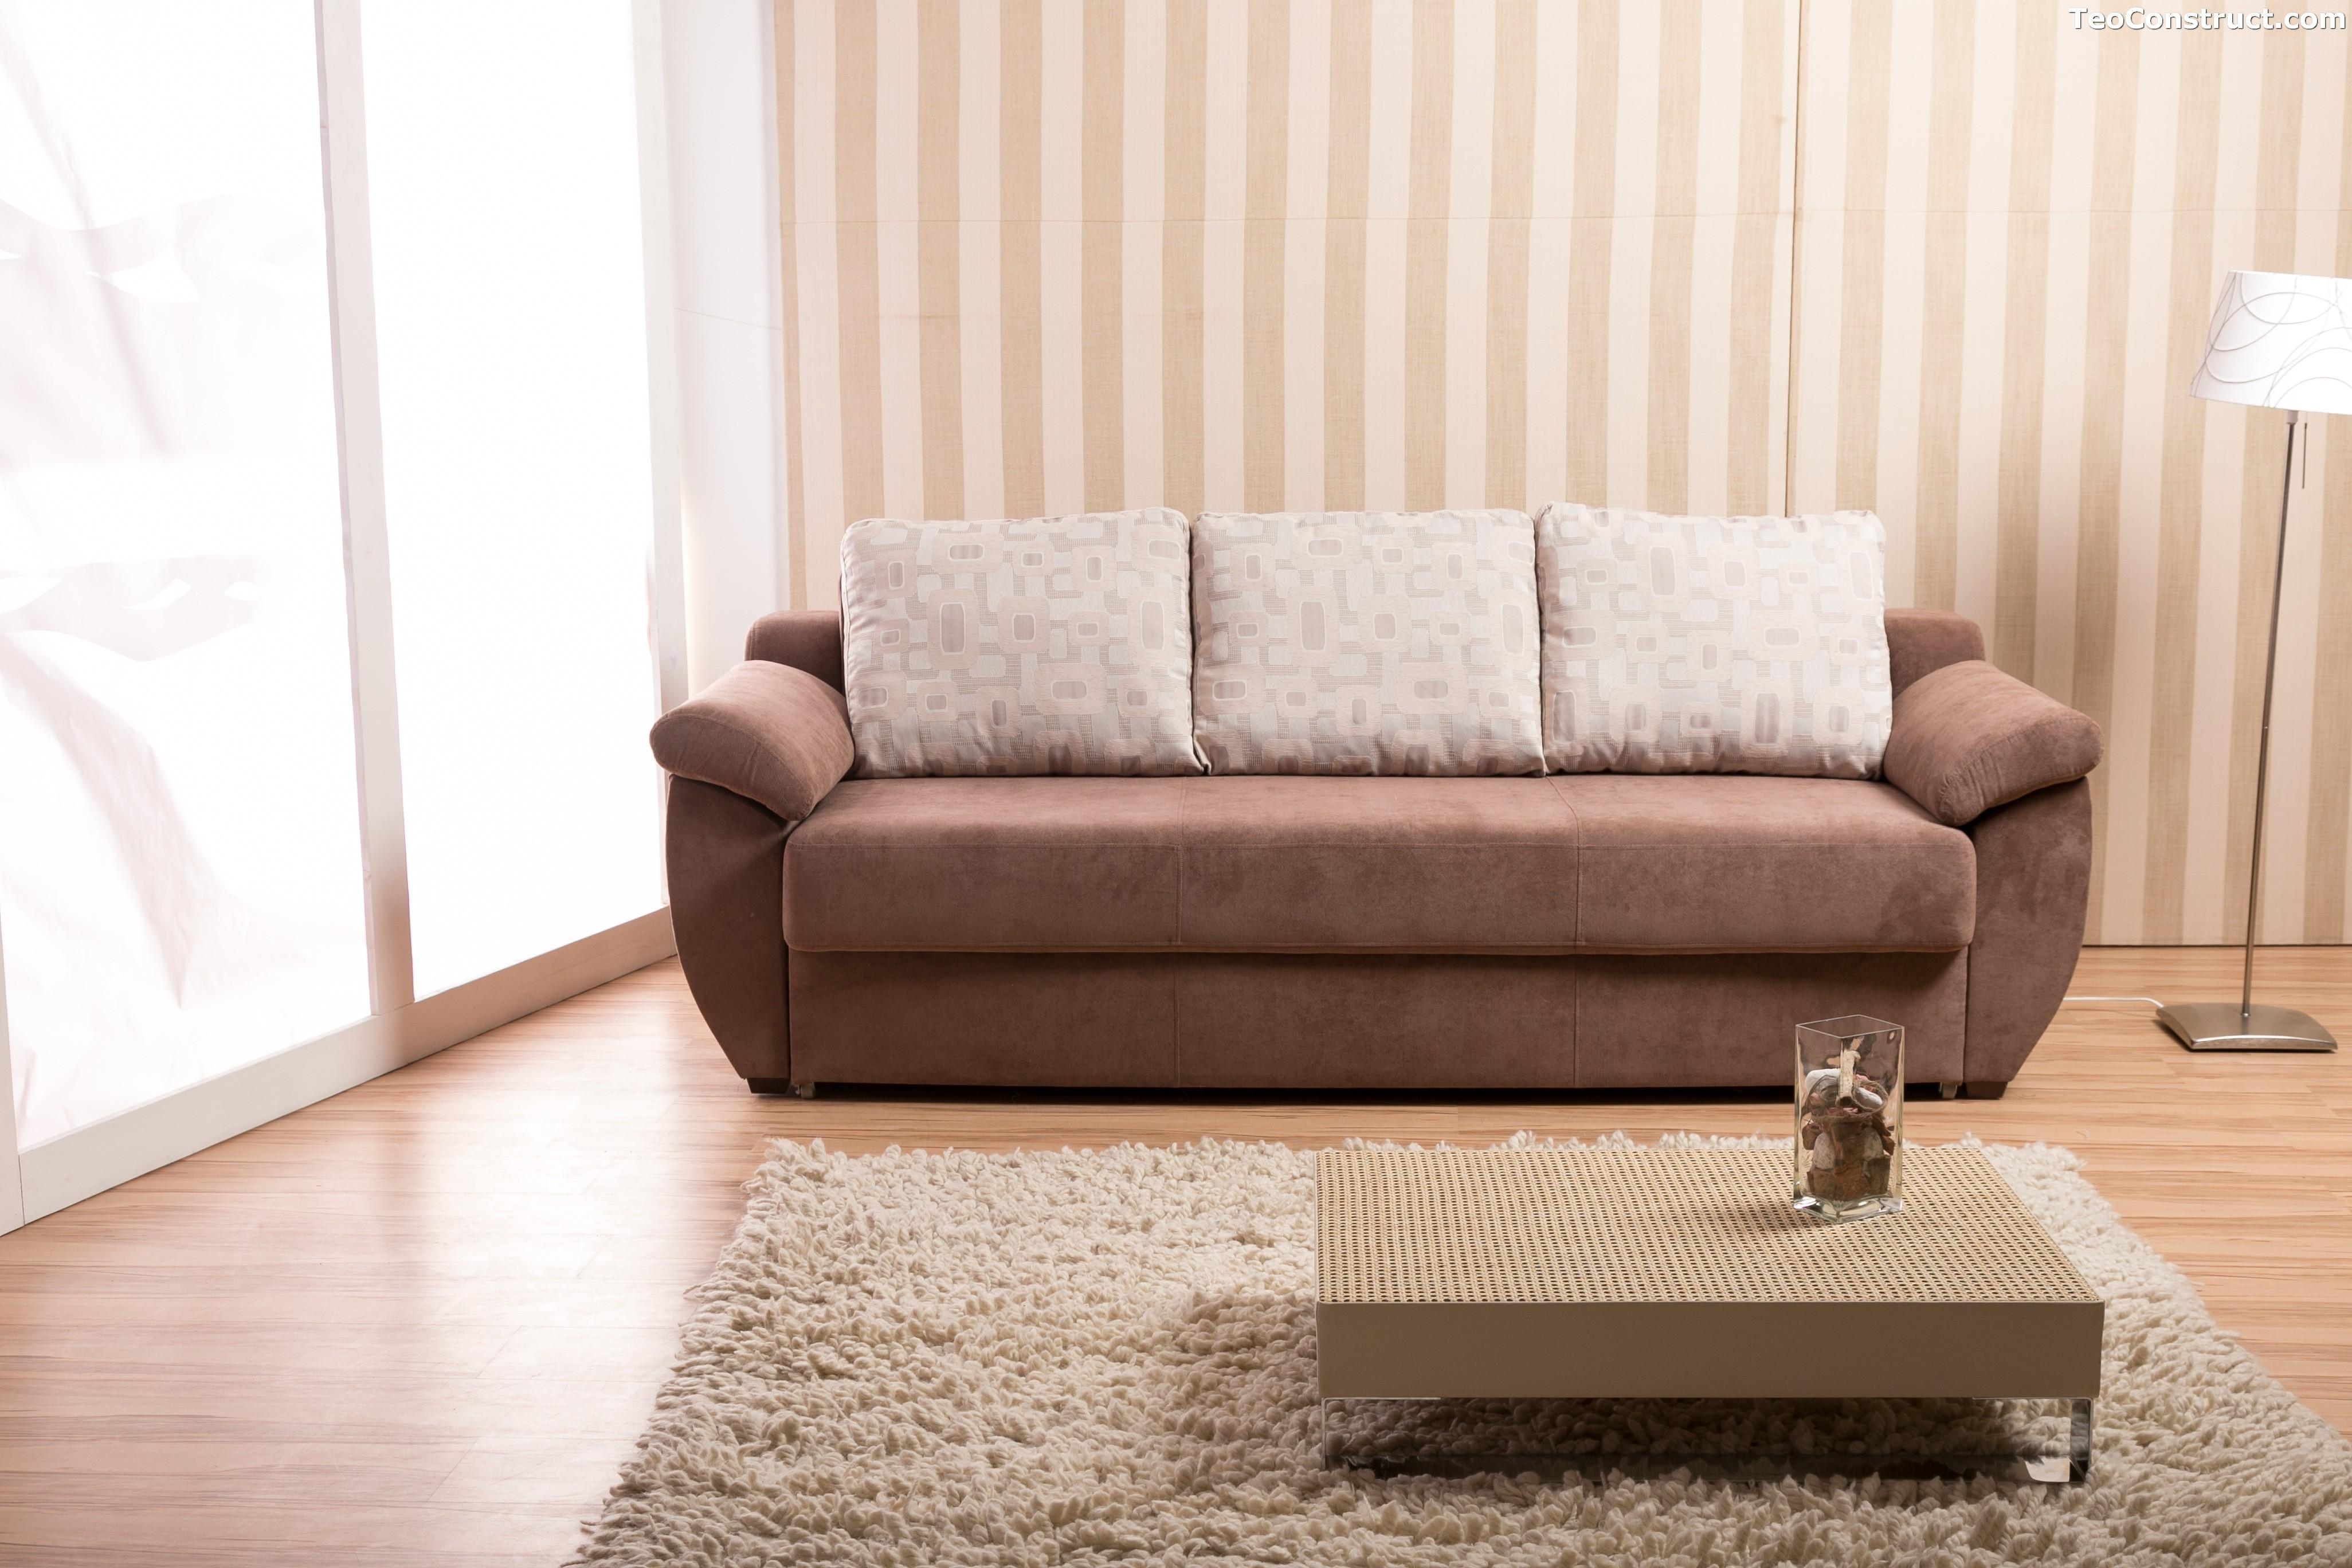 Canapea Alice extensibila din stofa 1